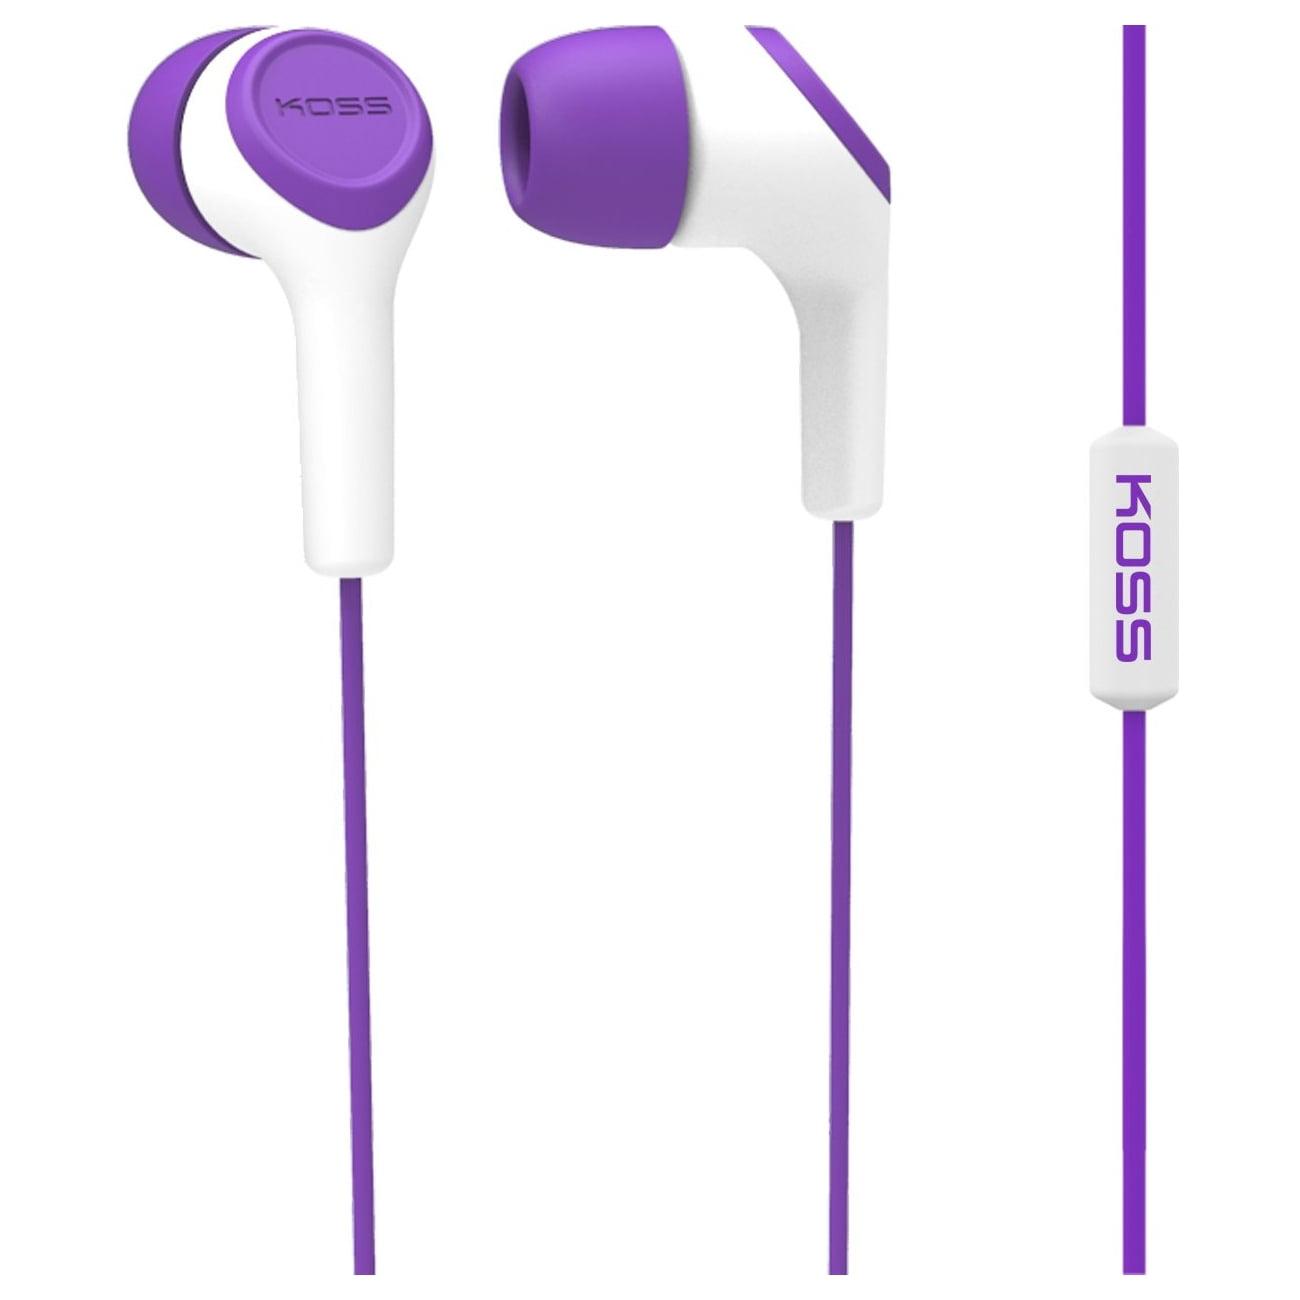 Koss KEB15i In-Ear Headphones